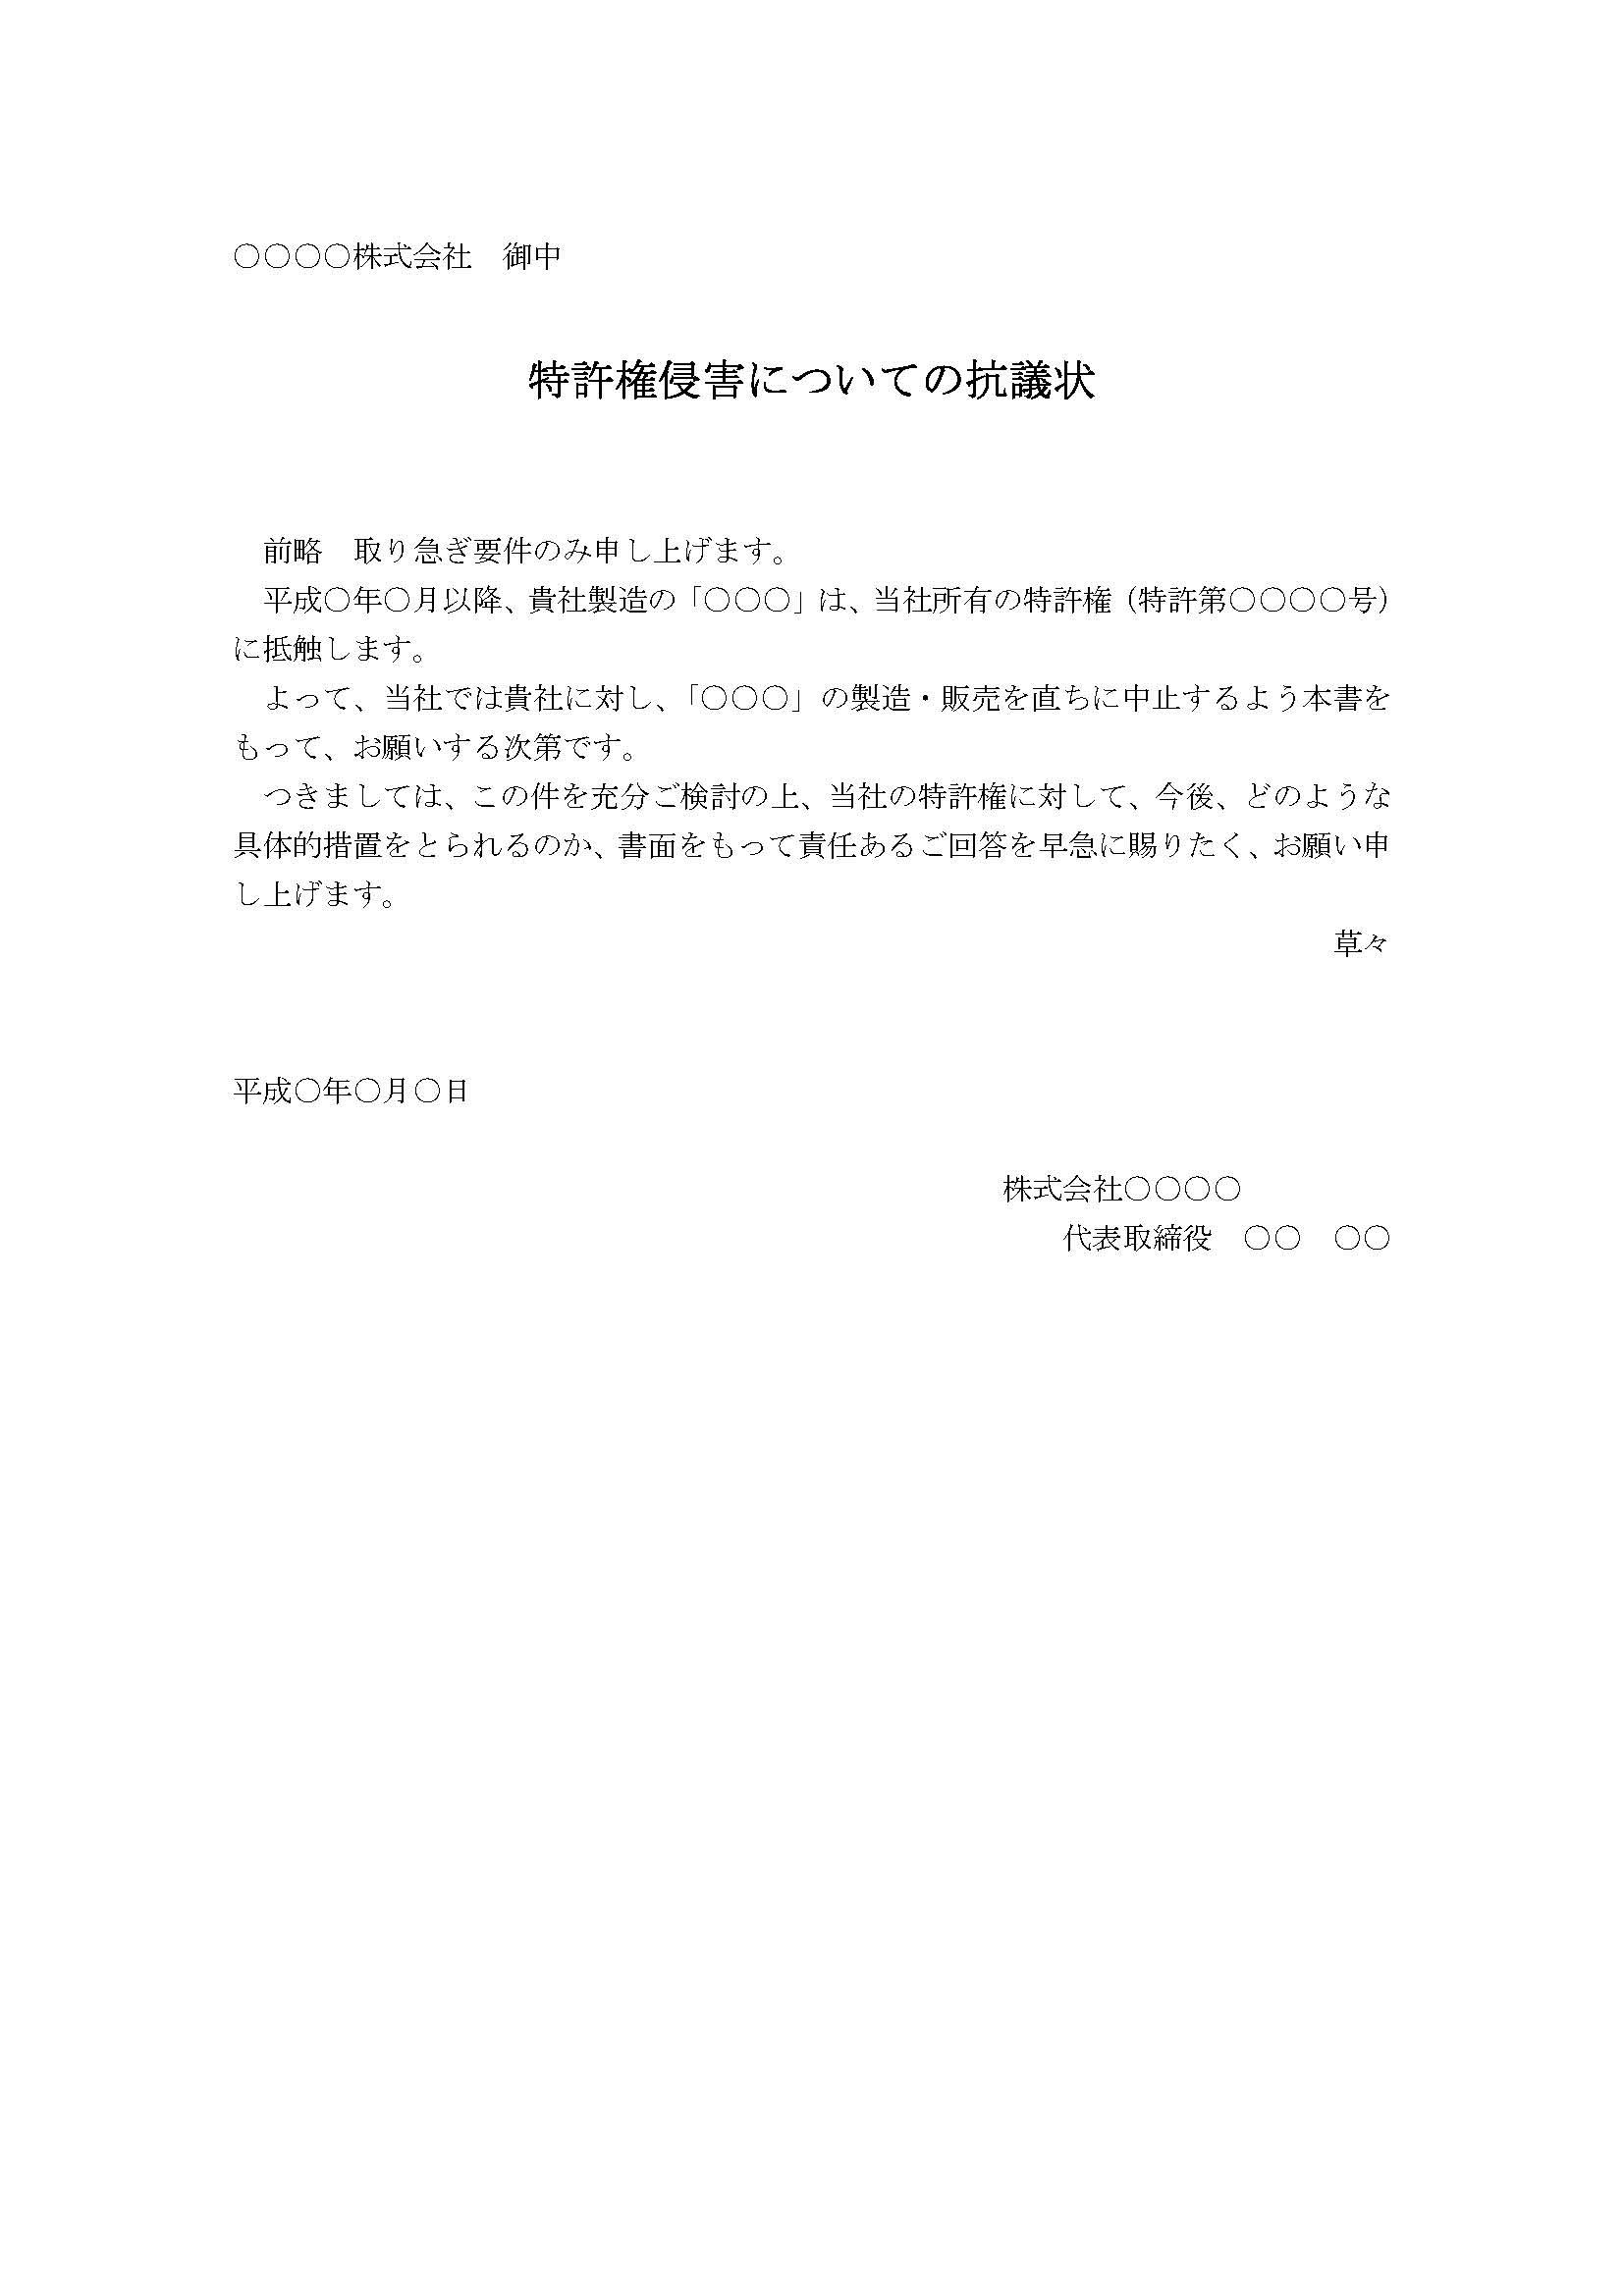 抗議状(特許権侵害)